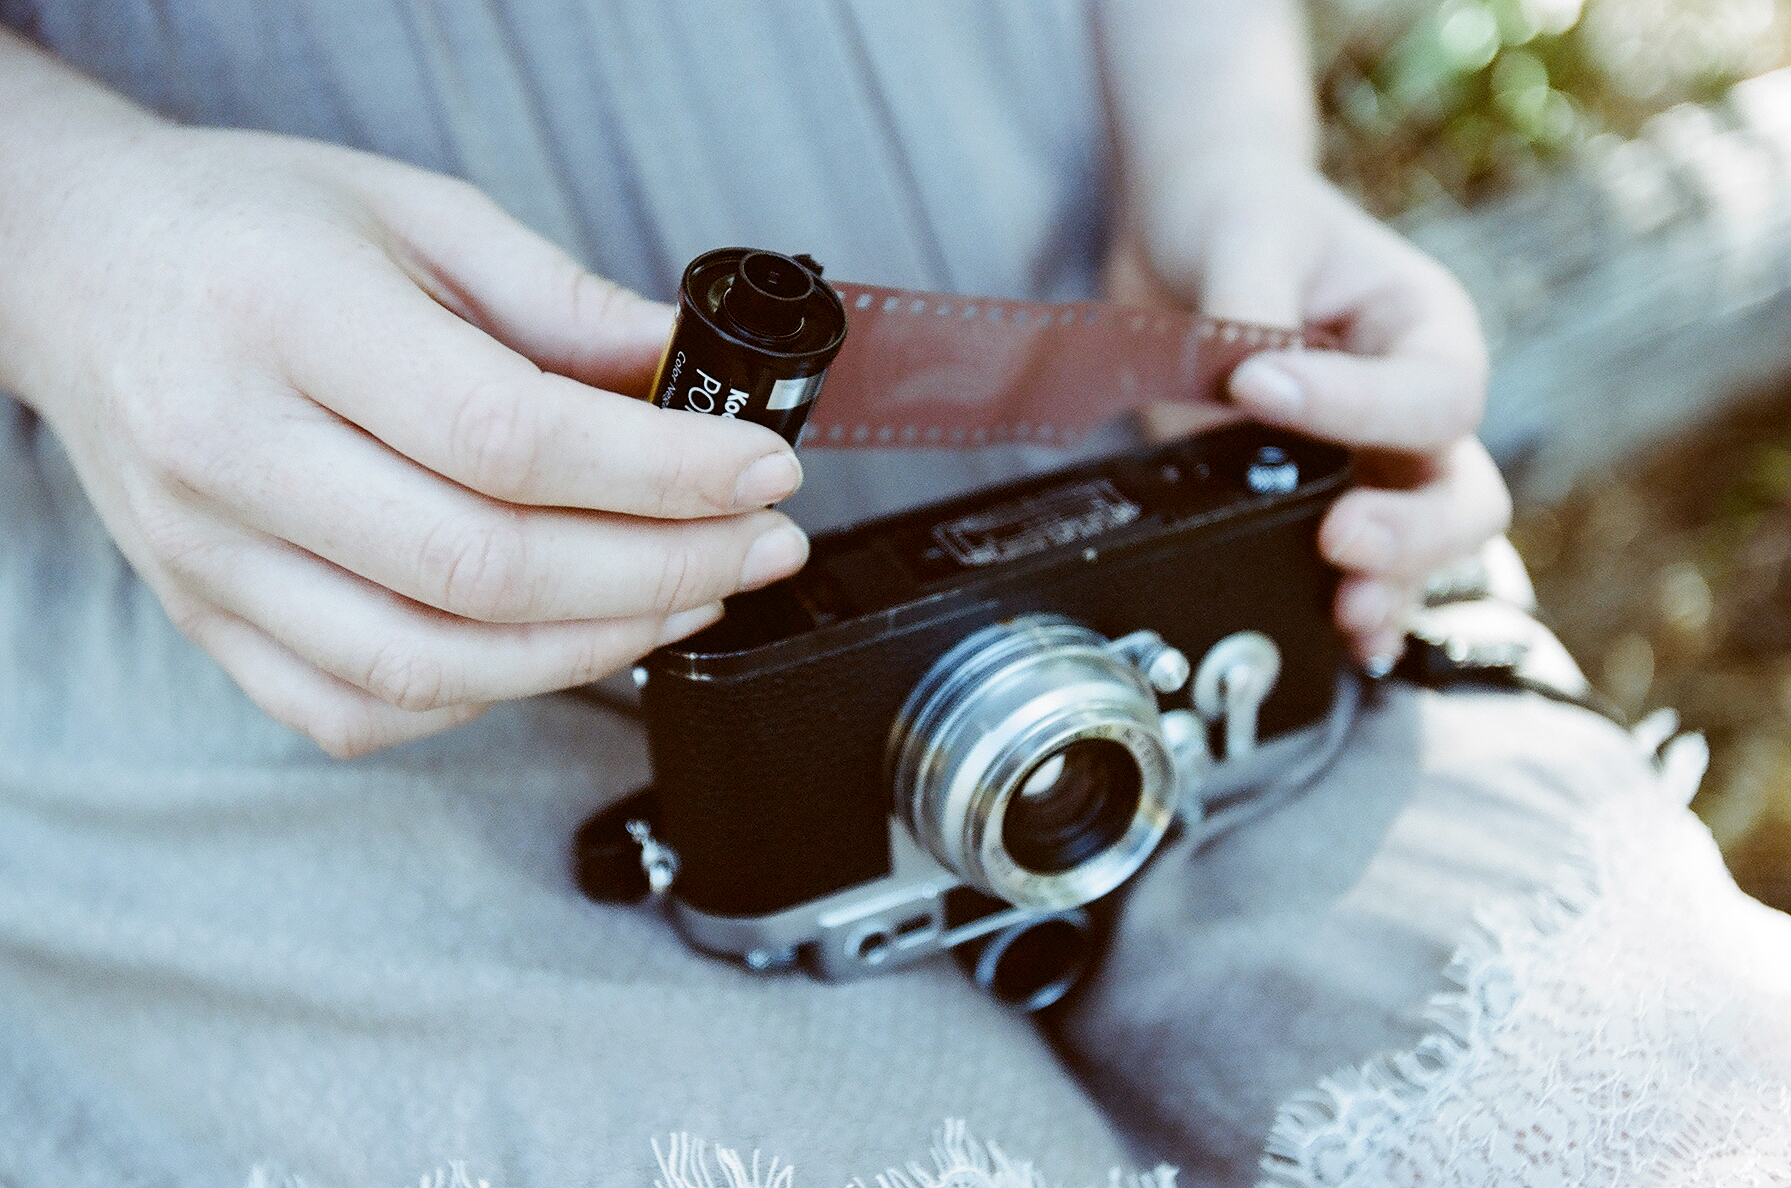 Ektacam: tire fotografias à moda antiga com o seu smartphone